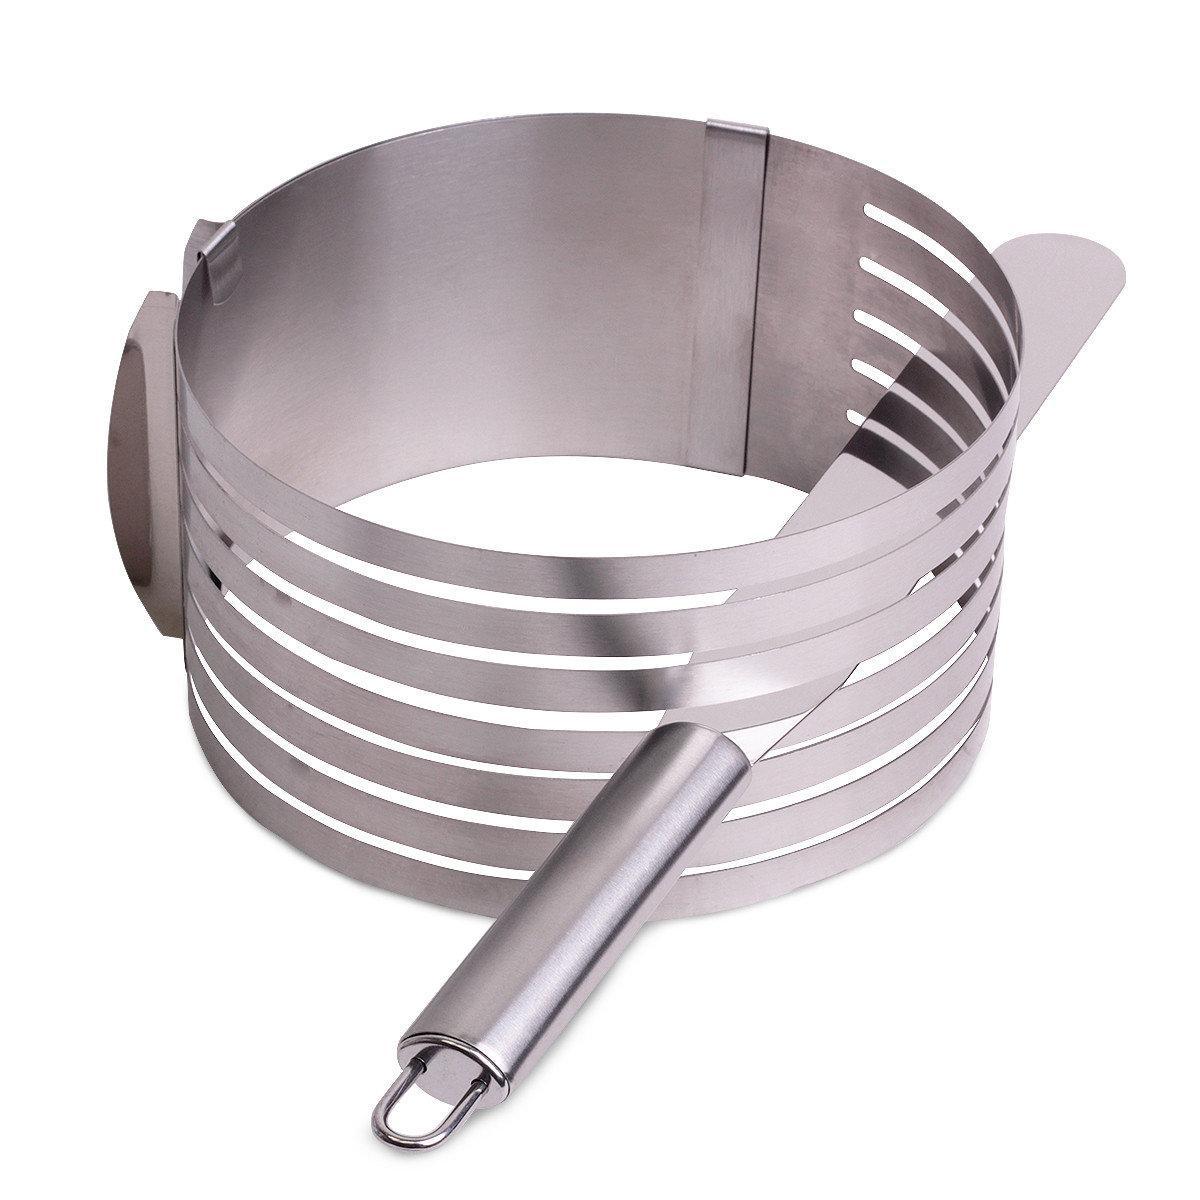 Форма для бисквита KamilleKM-7788 регулируемая 15*22 см с отверстием для нарезки и ножом